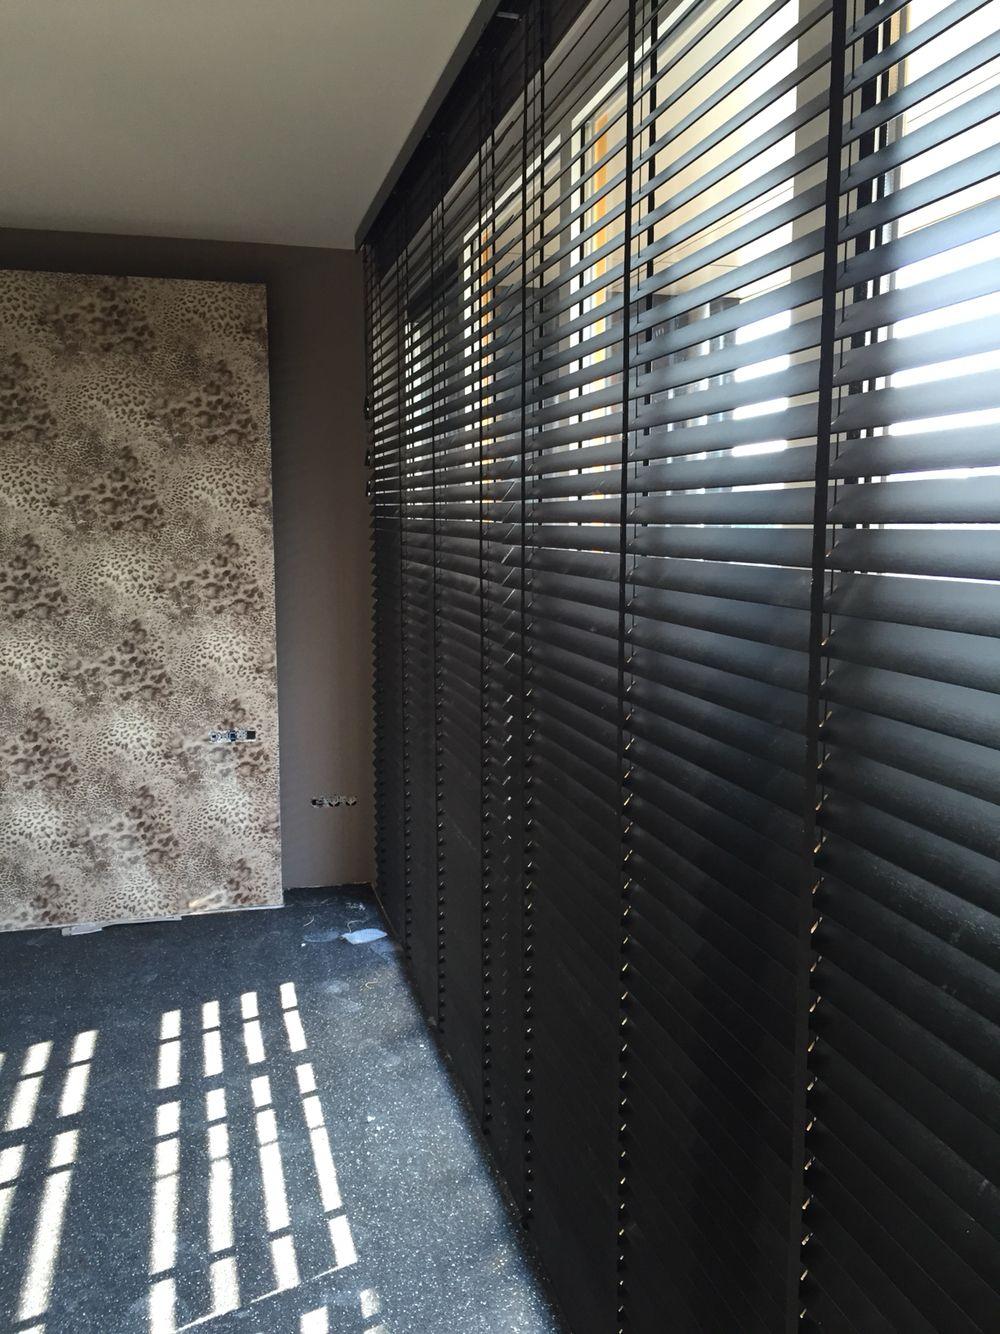 behang in de slaapkamer is van #elitis en de houten jaloezieën, Deco ideeën